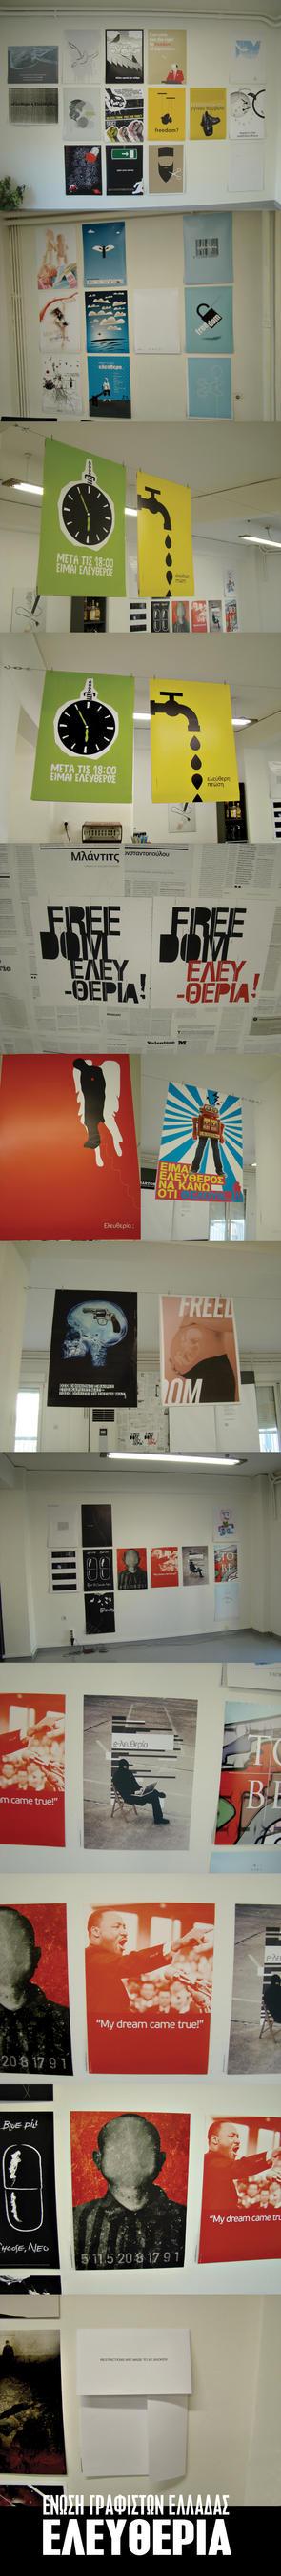 ekthesi FREE by Papoukas